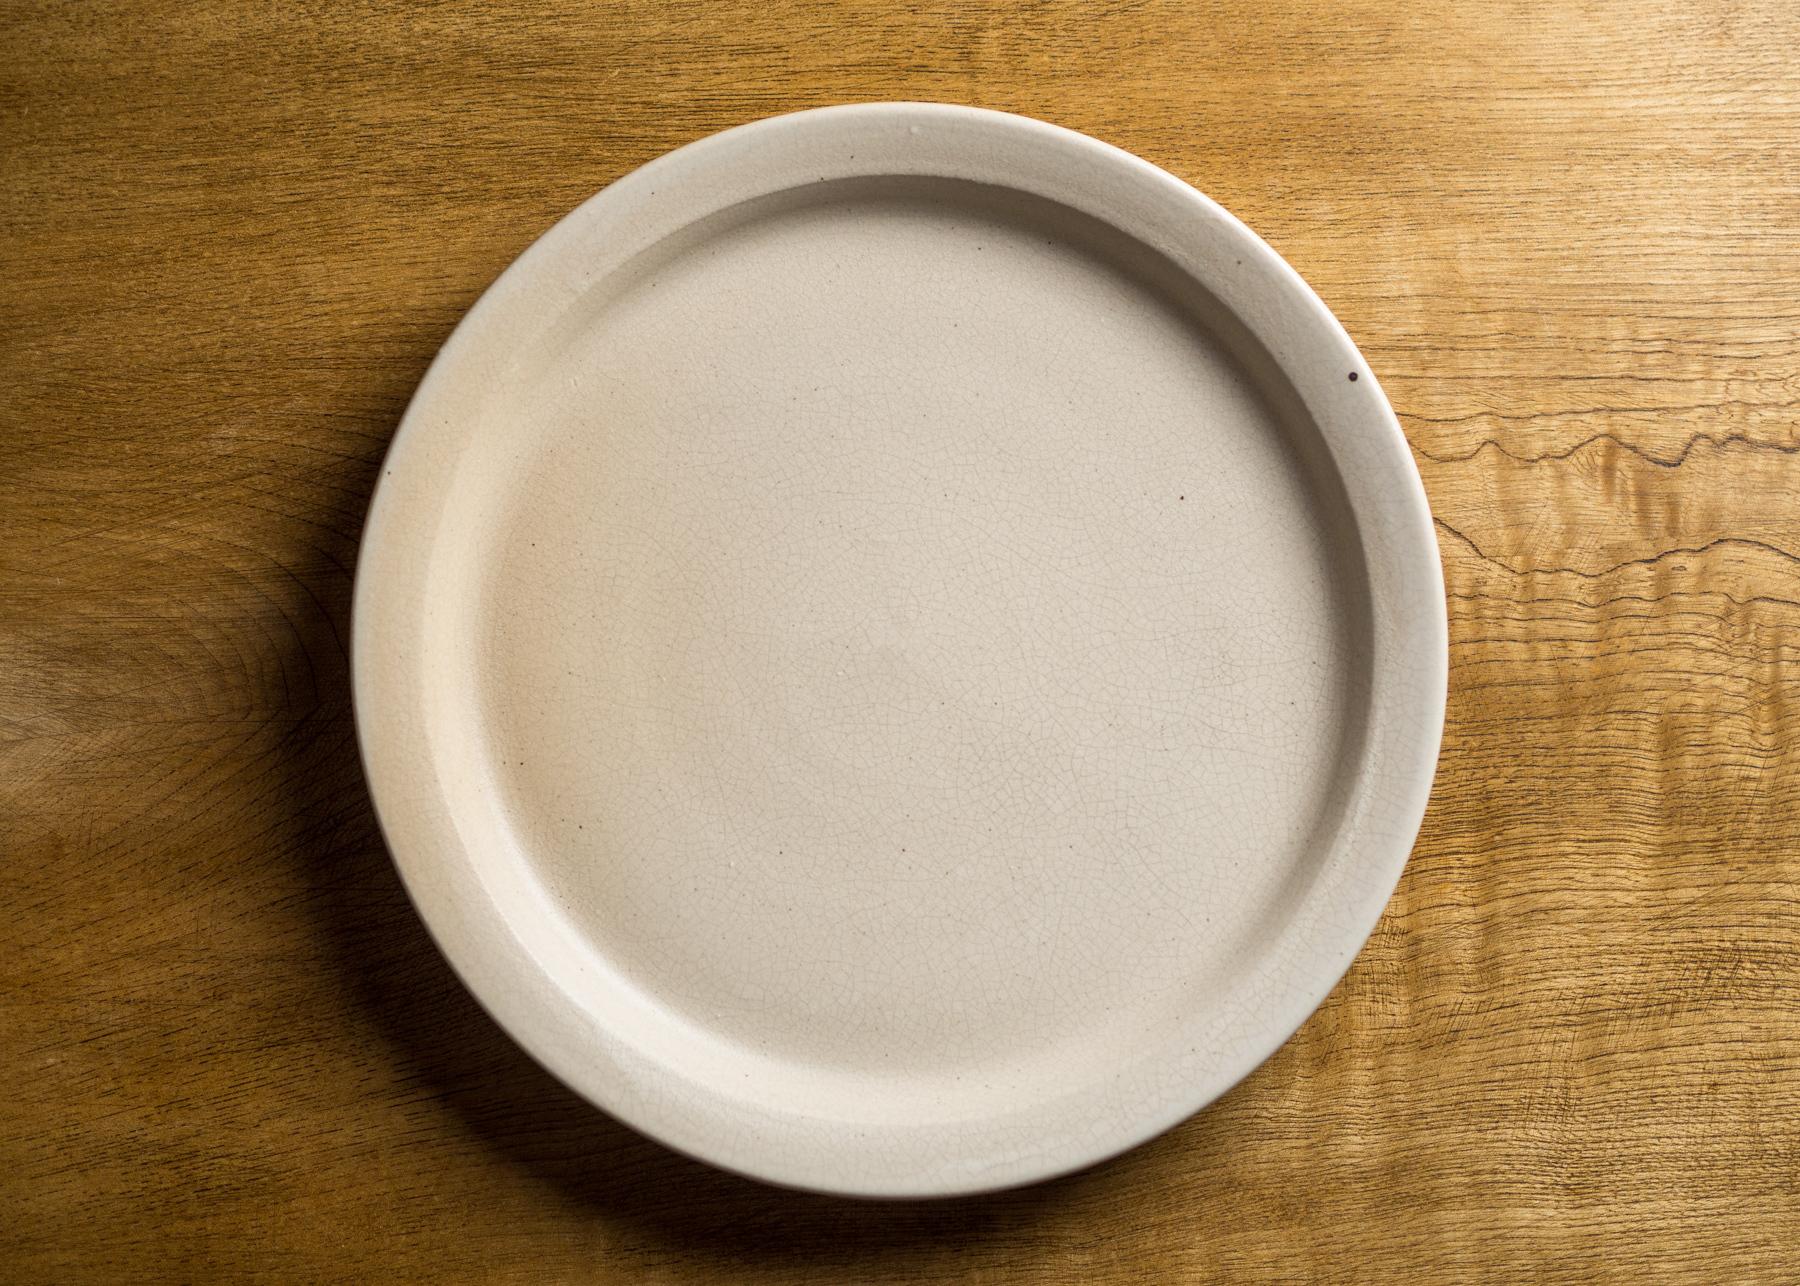 8寸リムプレート白マット釉(大皿・25cm皿)/鈴木美佳子